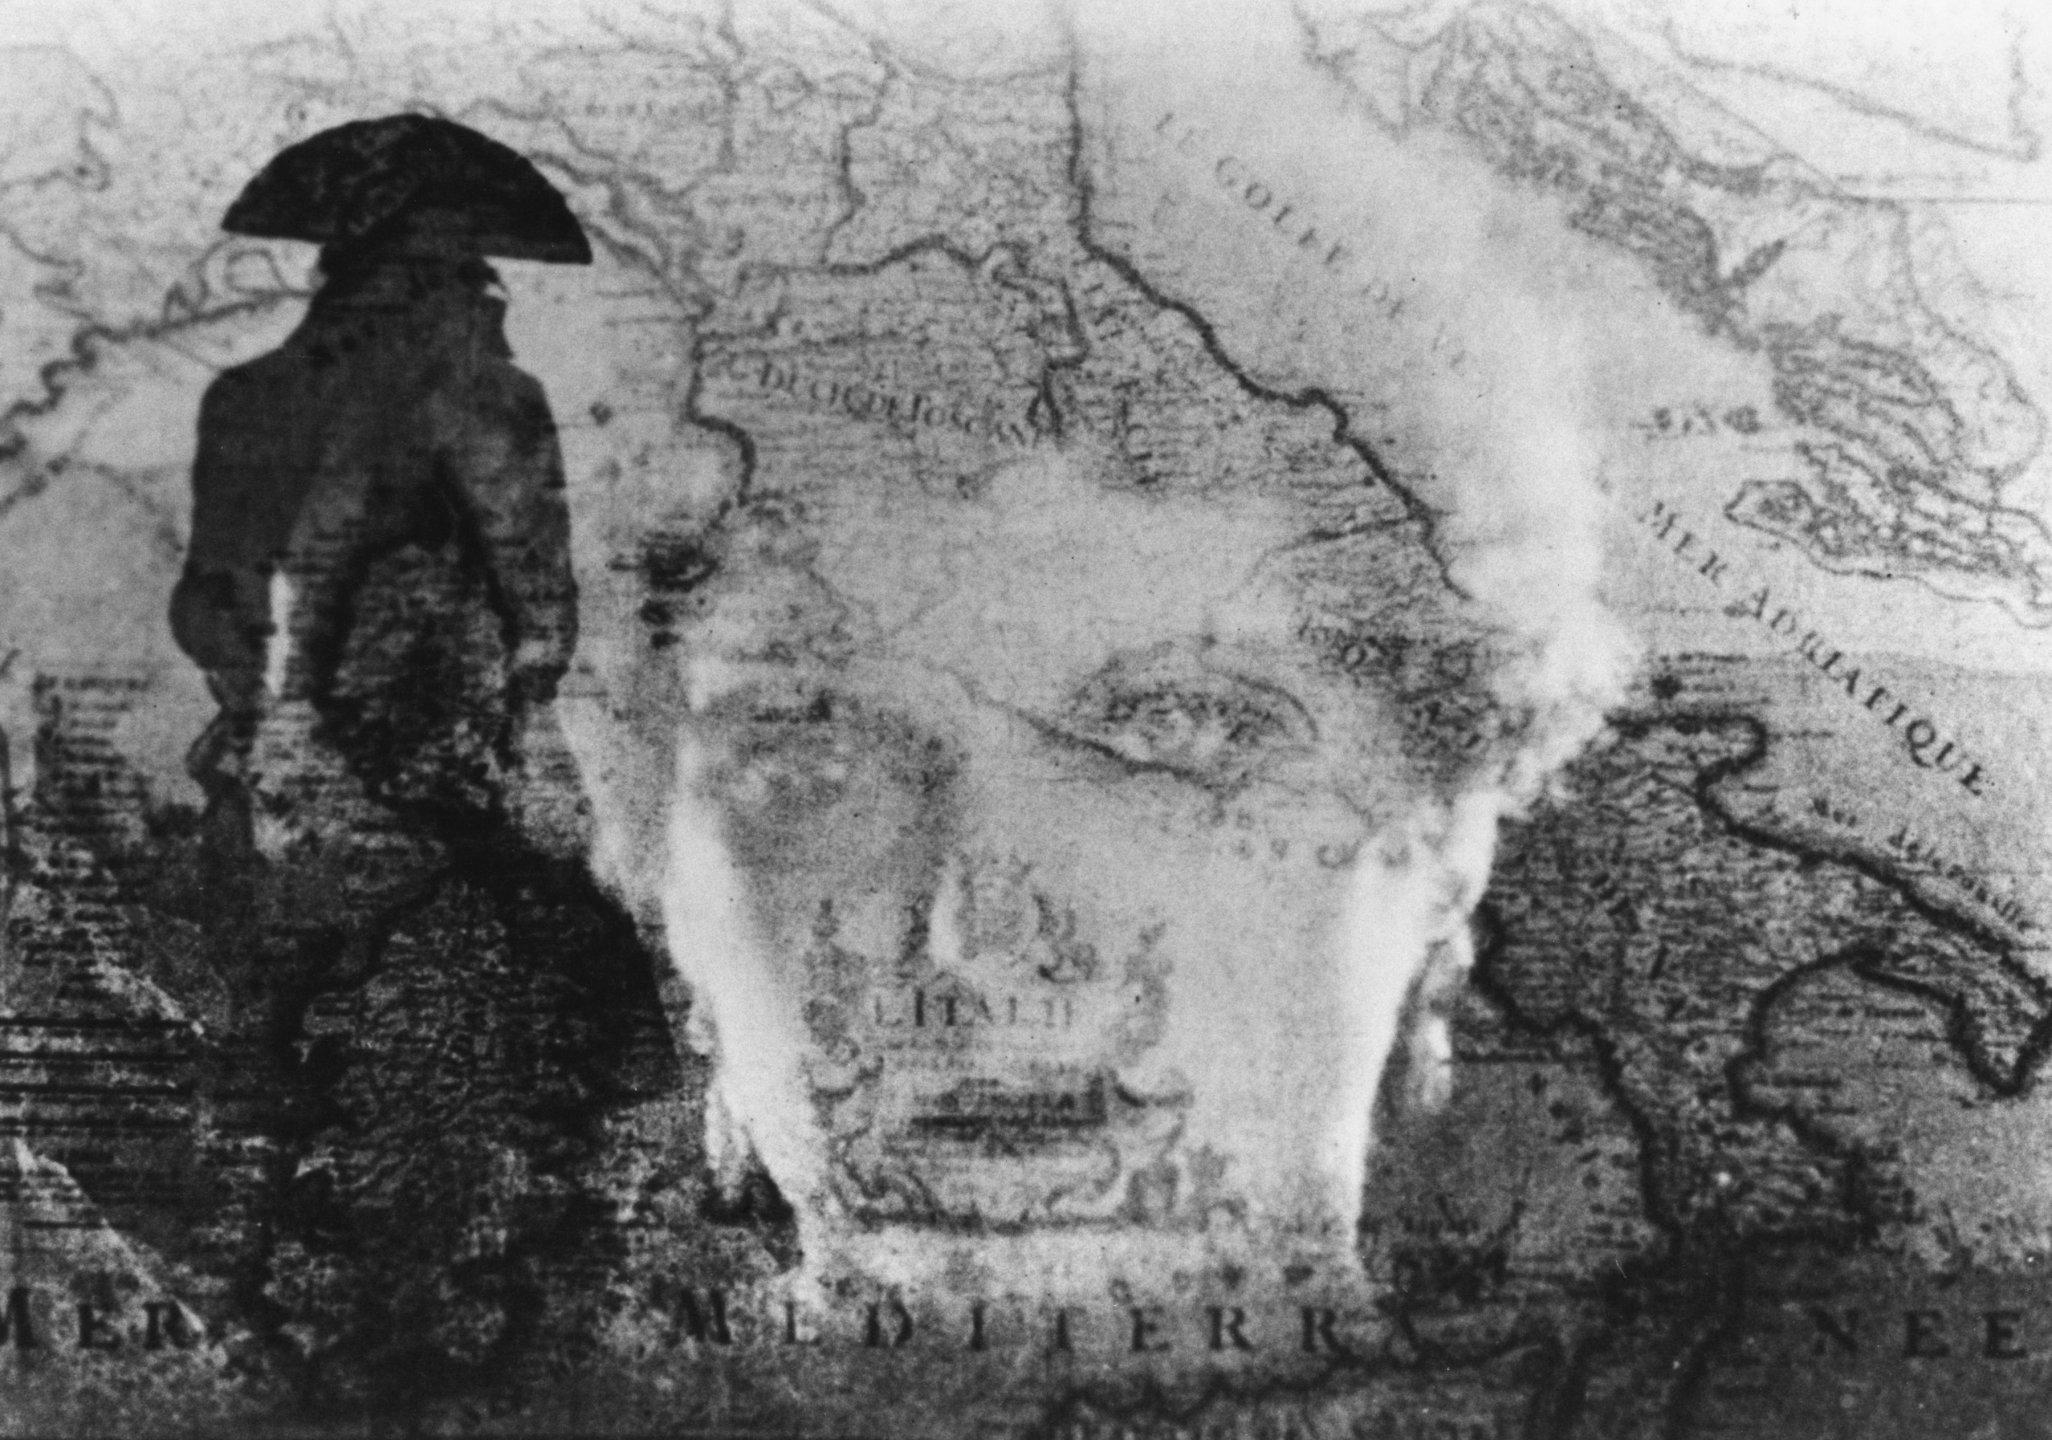 Napoléon (1927) Photograph: BFI